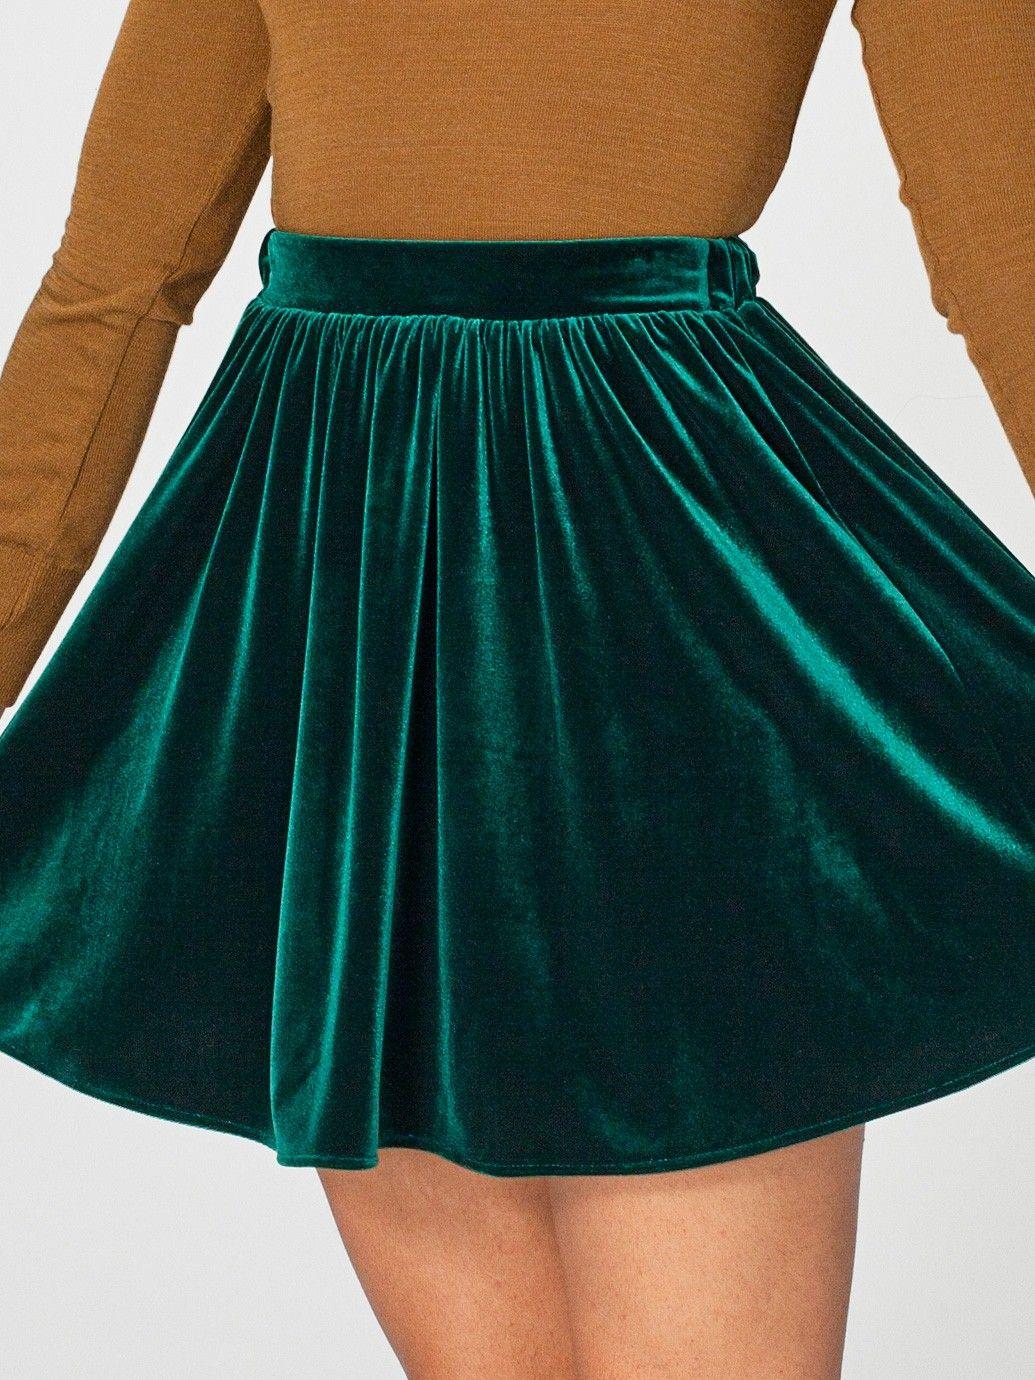 Stretch Velvet Skirt | Minis | Women's Skirts | American Apparel